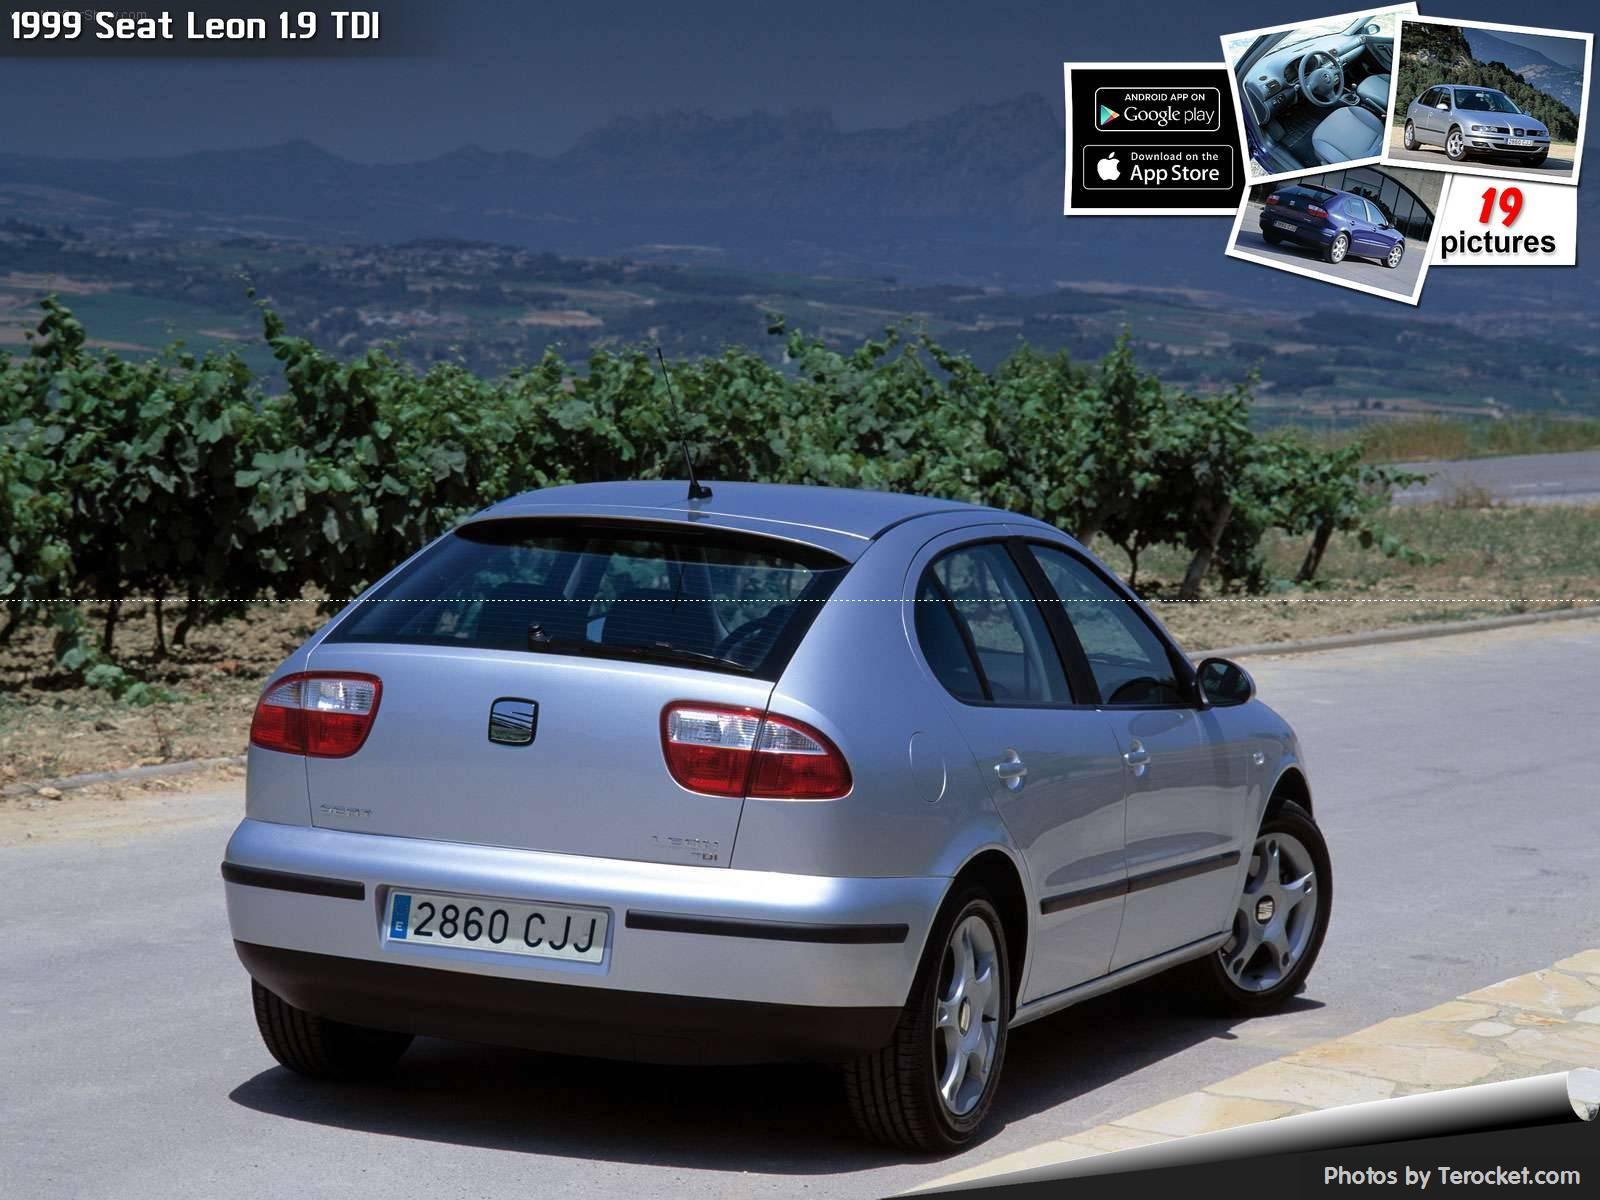 Hình ảnh xe ô tô Seat Leon 1.9 TDI 1999 & nội ngoại thất